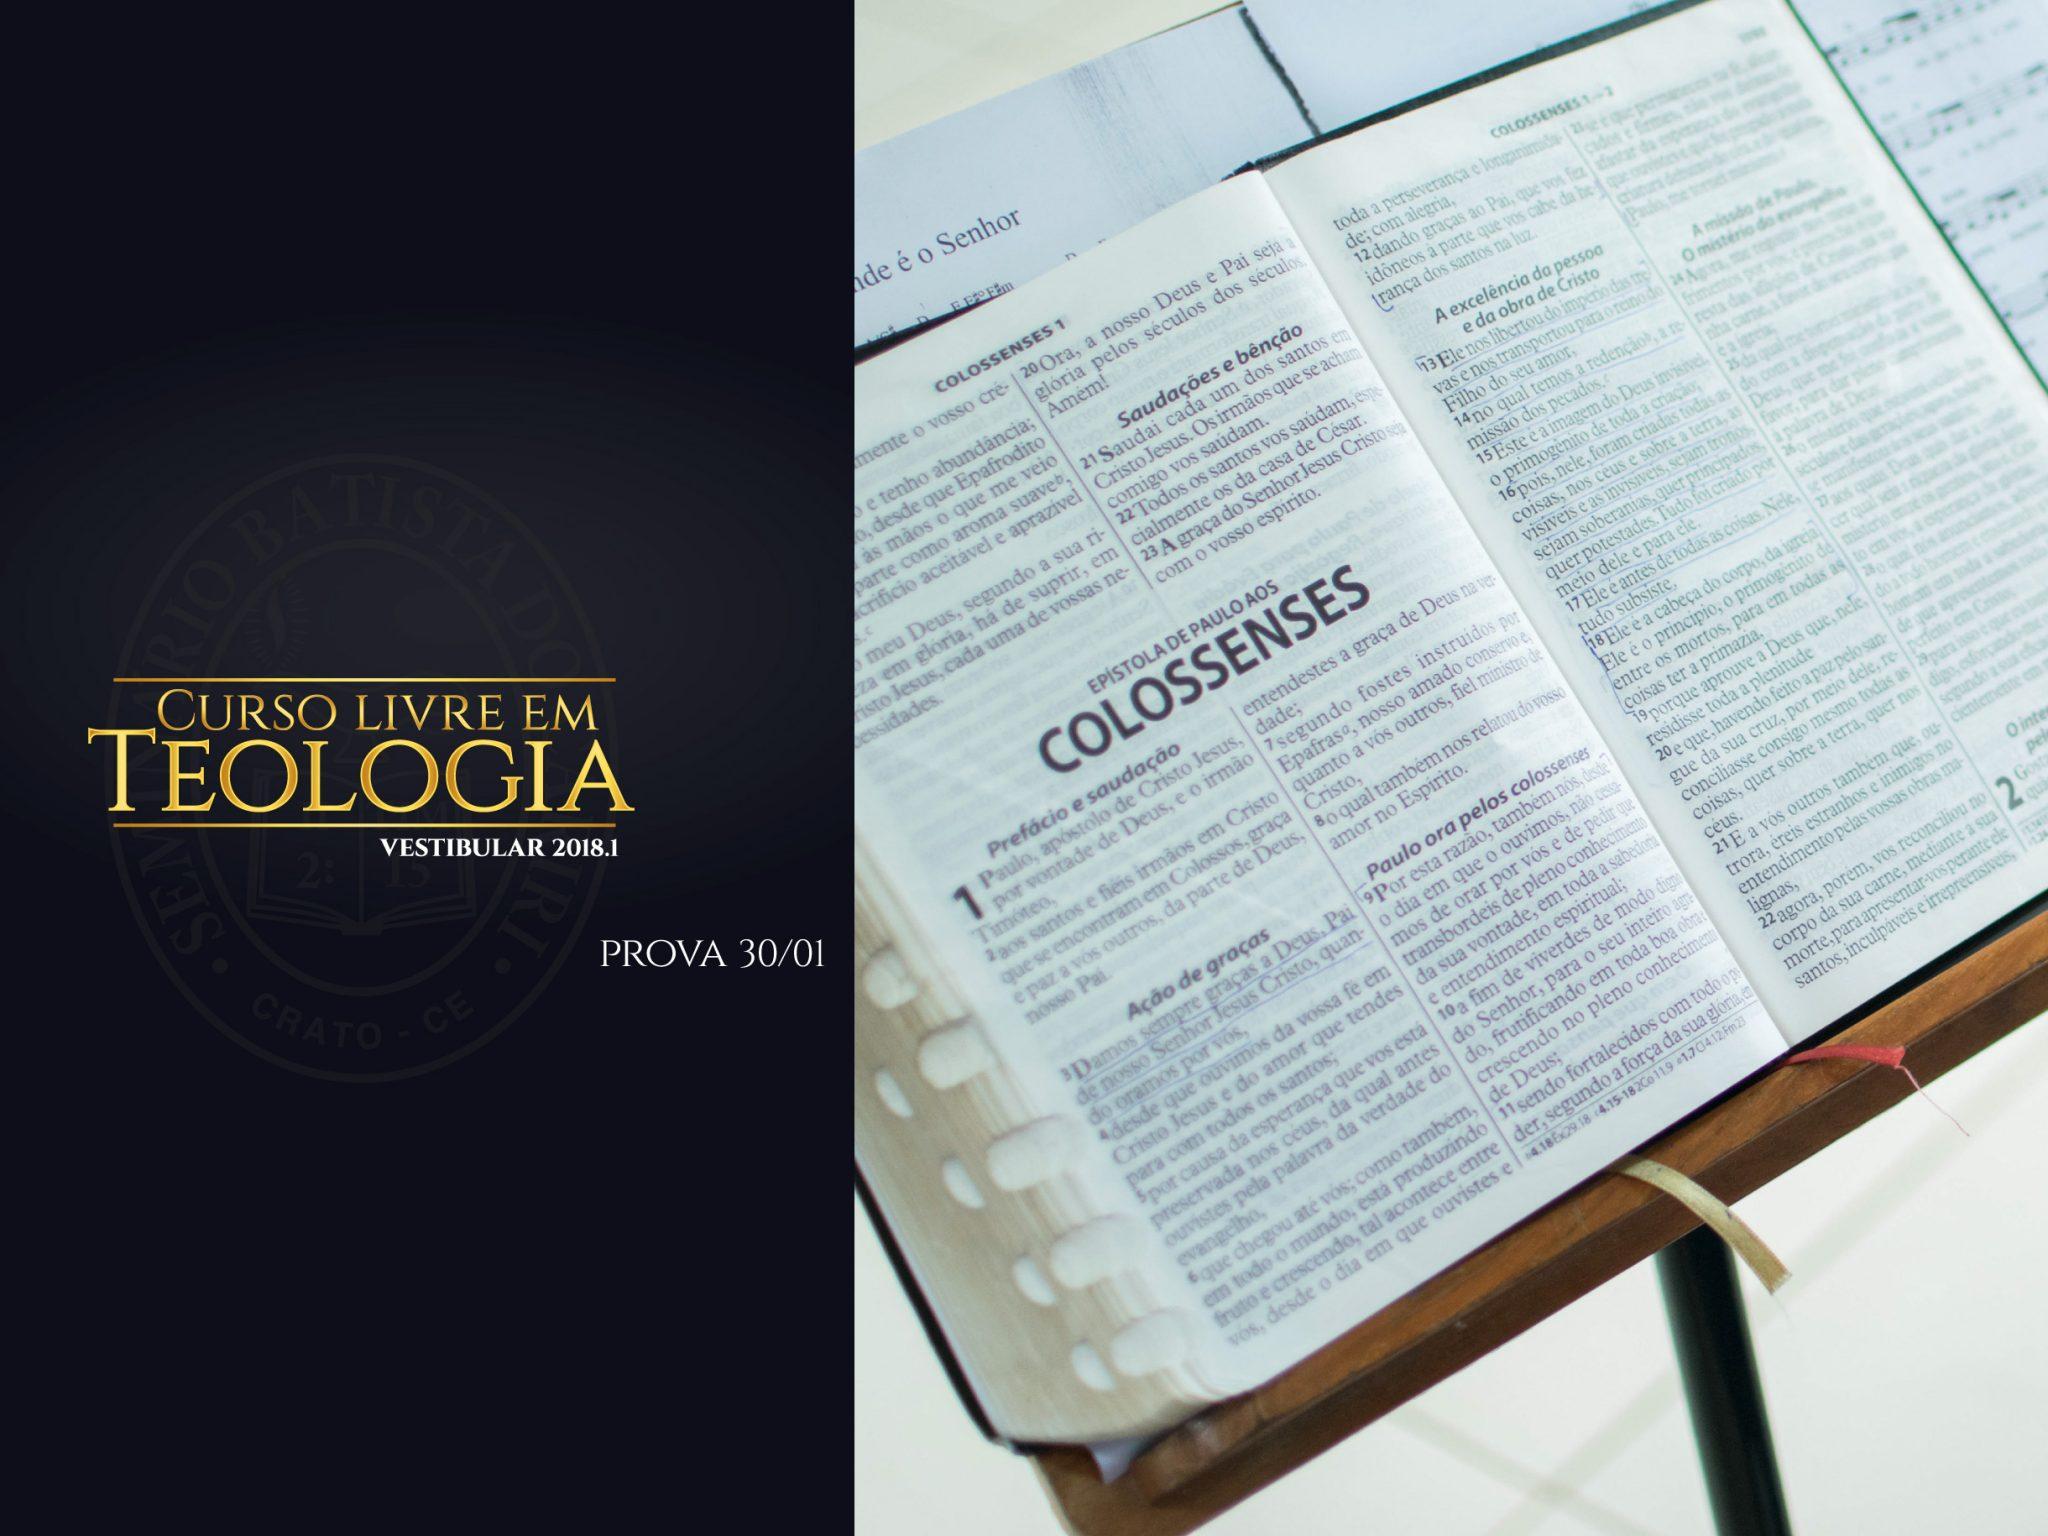 curso livre em teologia vestibular 2018.1 prova 30 de janeiro acesse www.isbc.com.br